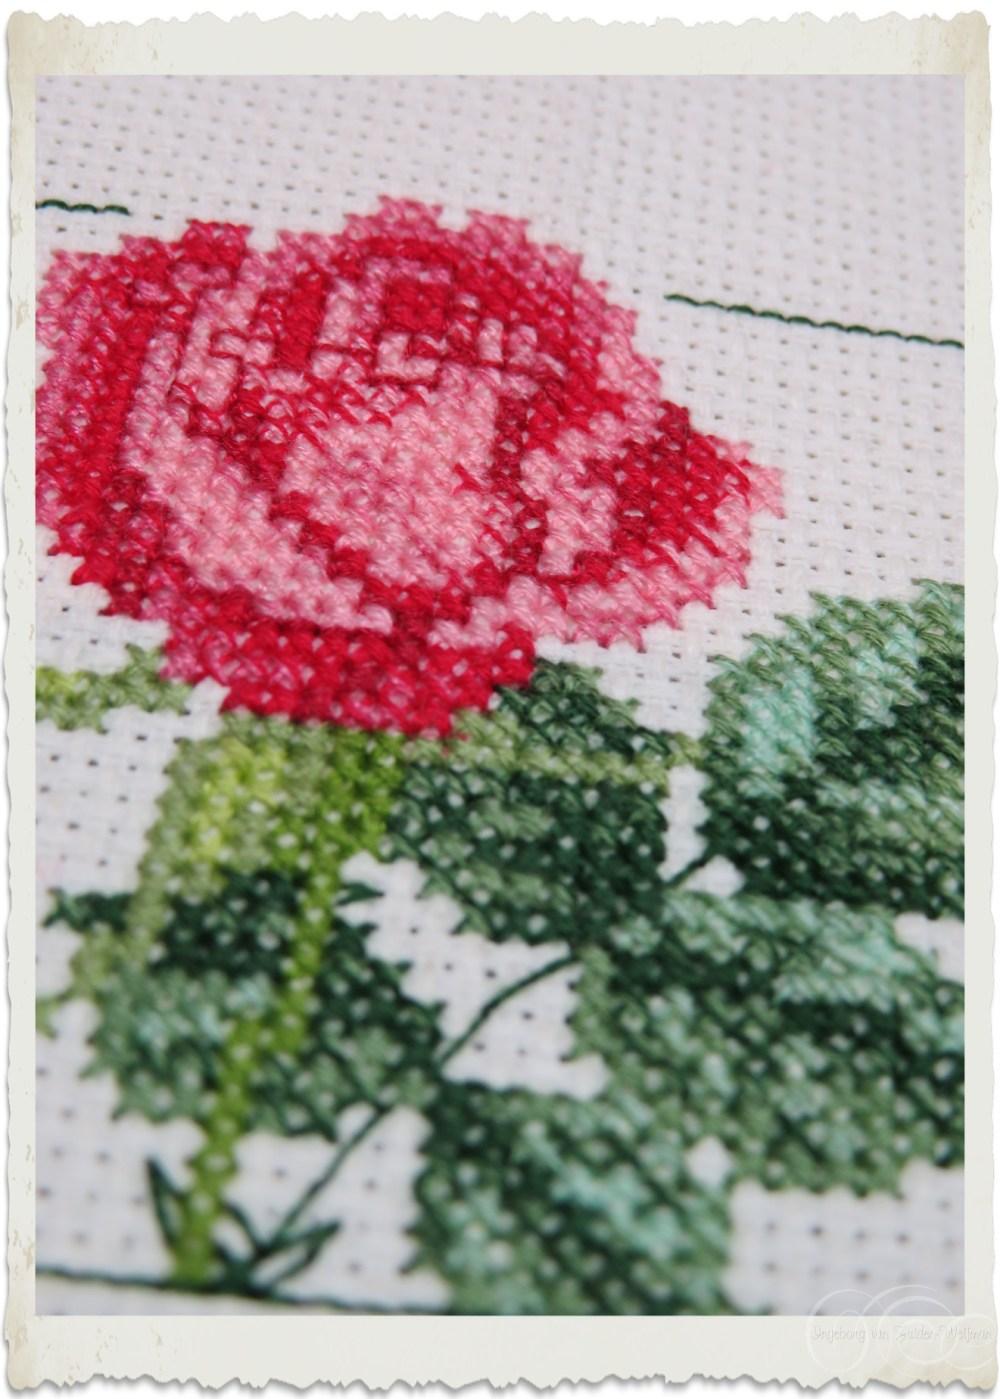 Details of x-stitch rose by Ingeborg van Zuiden